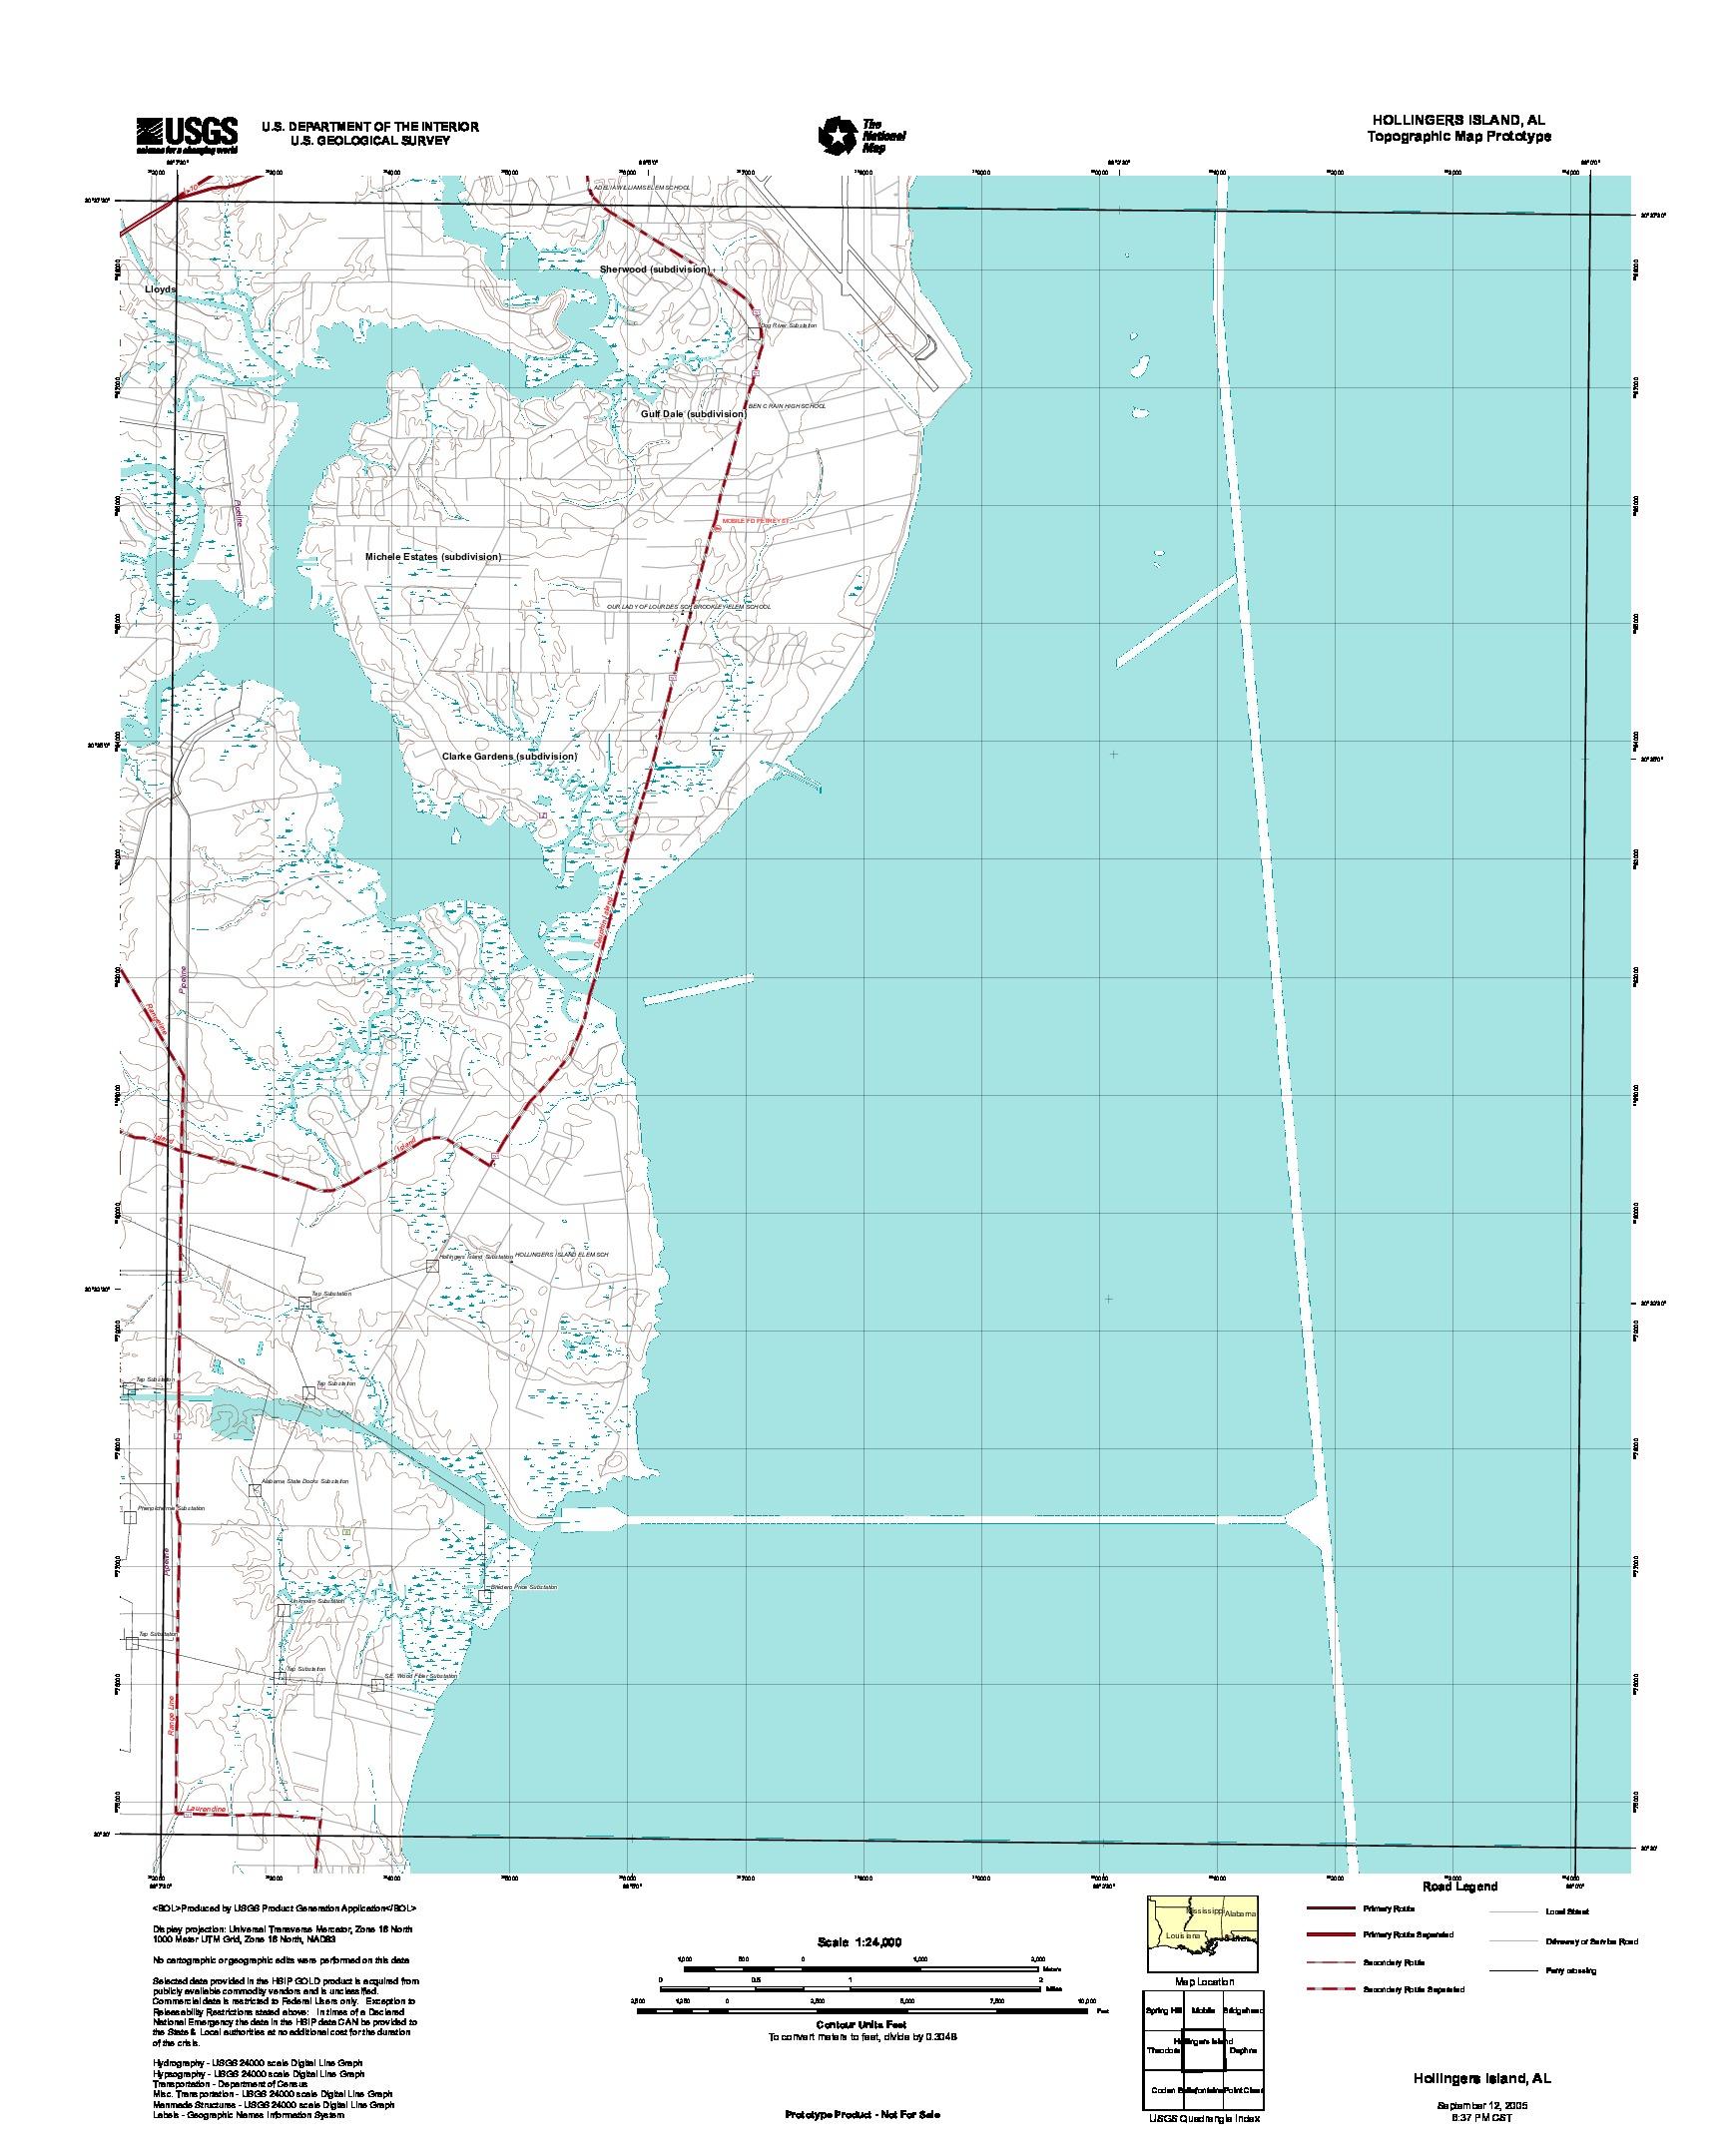 Hollingers Island, Topographic Map Prototype, Alabama, United States, September 12, 2005